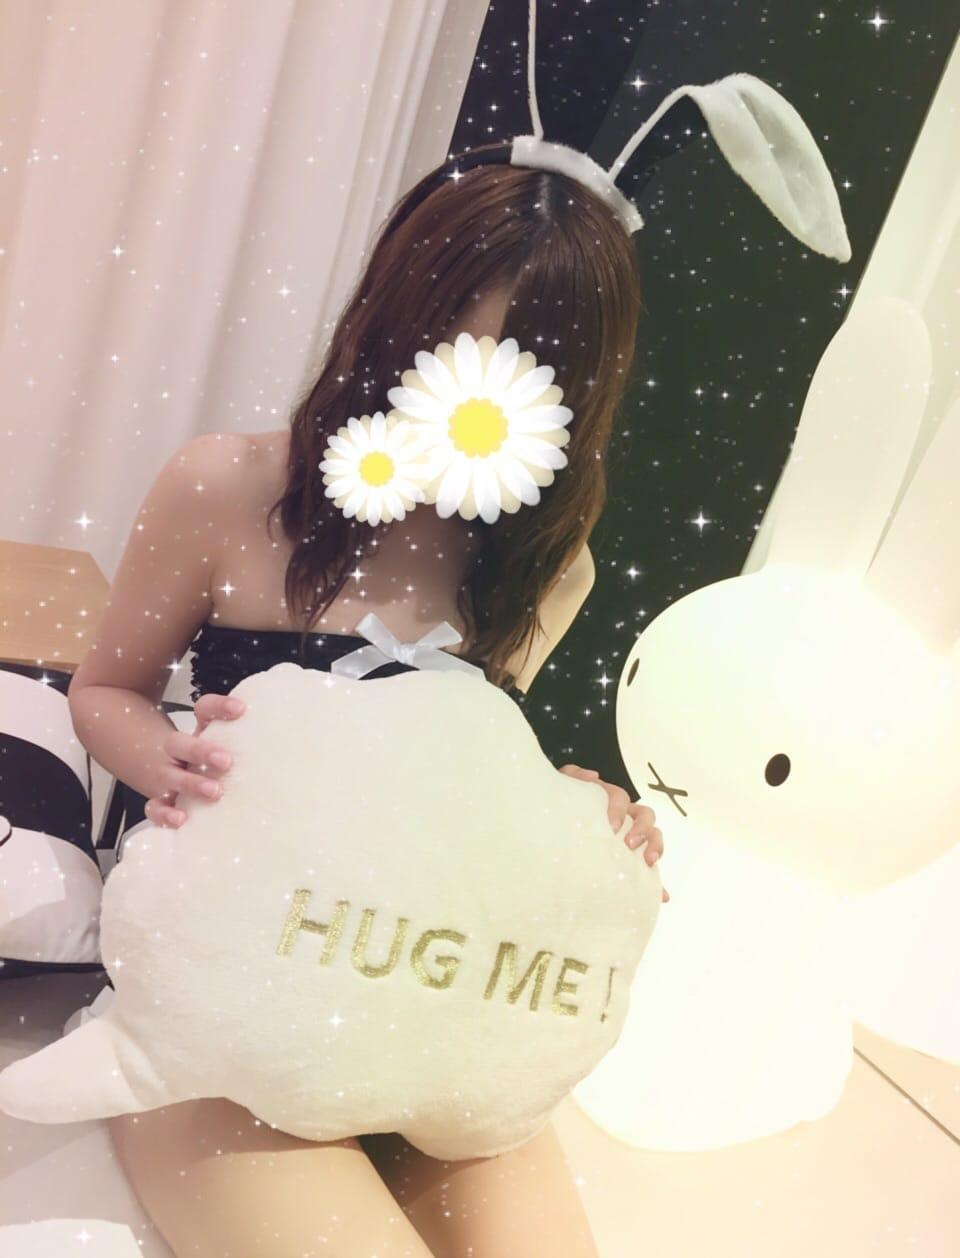 「お待ちかねの♡」02/17(02/17) 19:40   ドラマ◆ちえの写メ・風俗動画